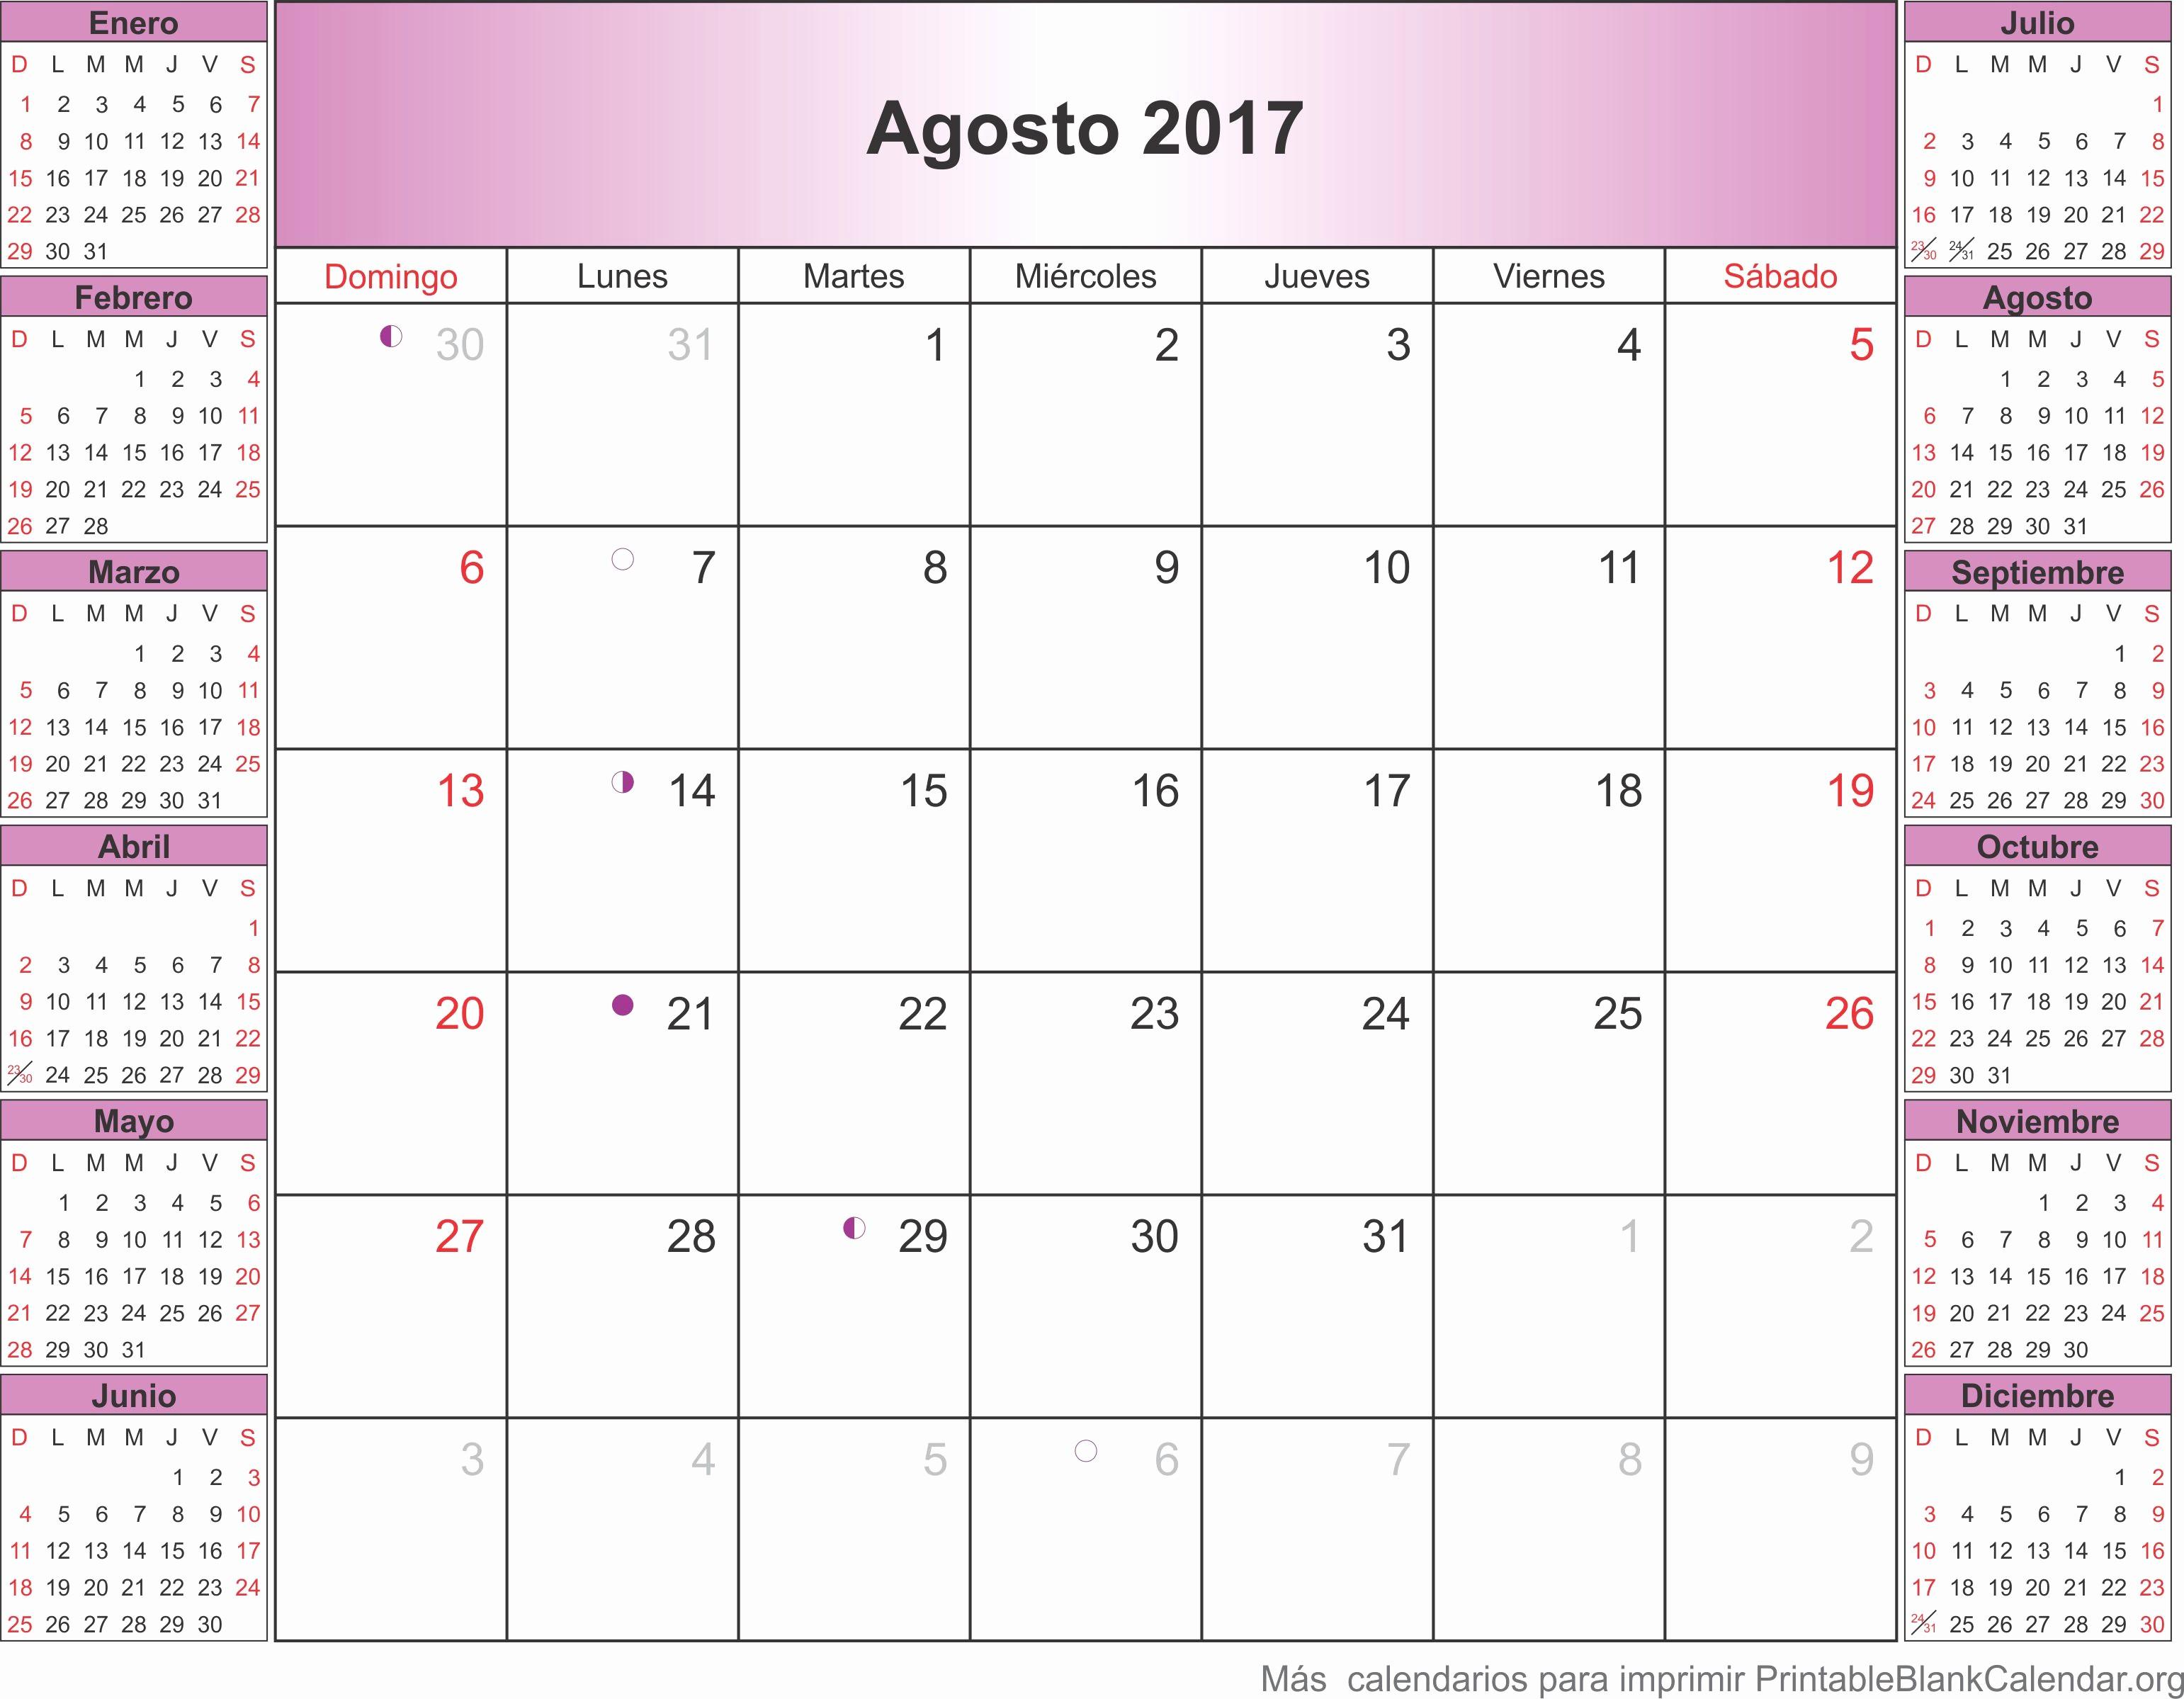 Calendario Diciembre 2017 Para Imprimir Elegant Agosto Calendario 2017 Related Keywords Agosto